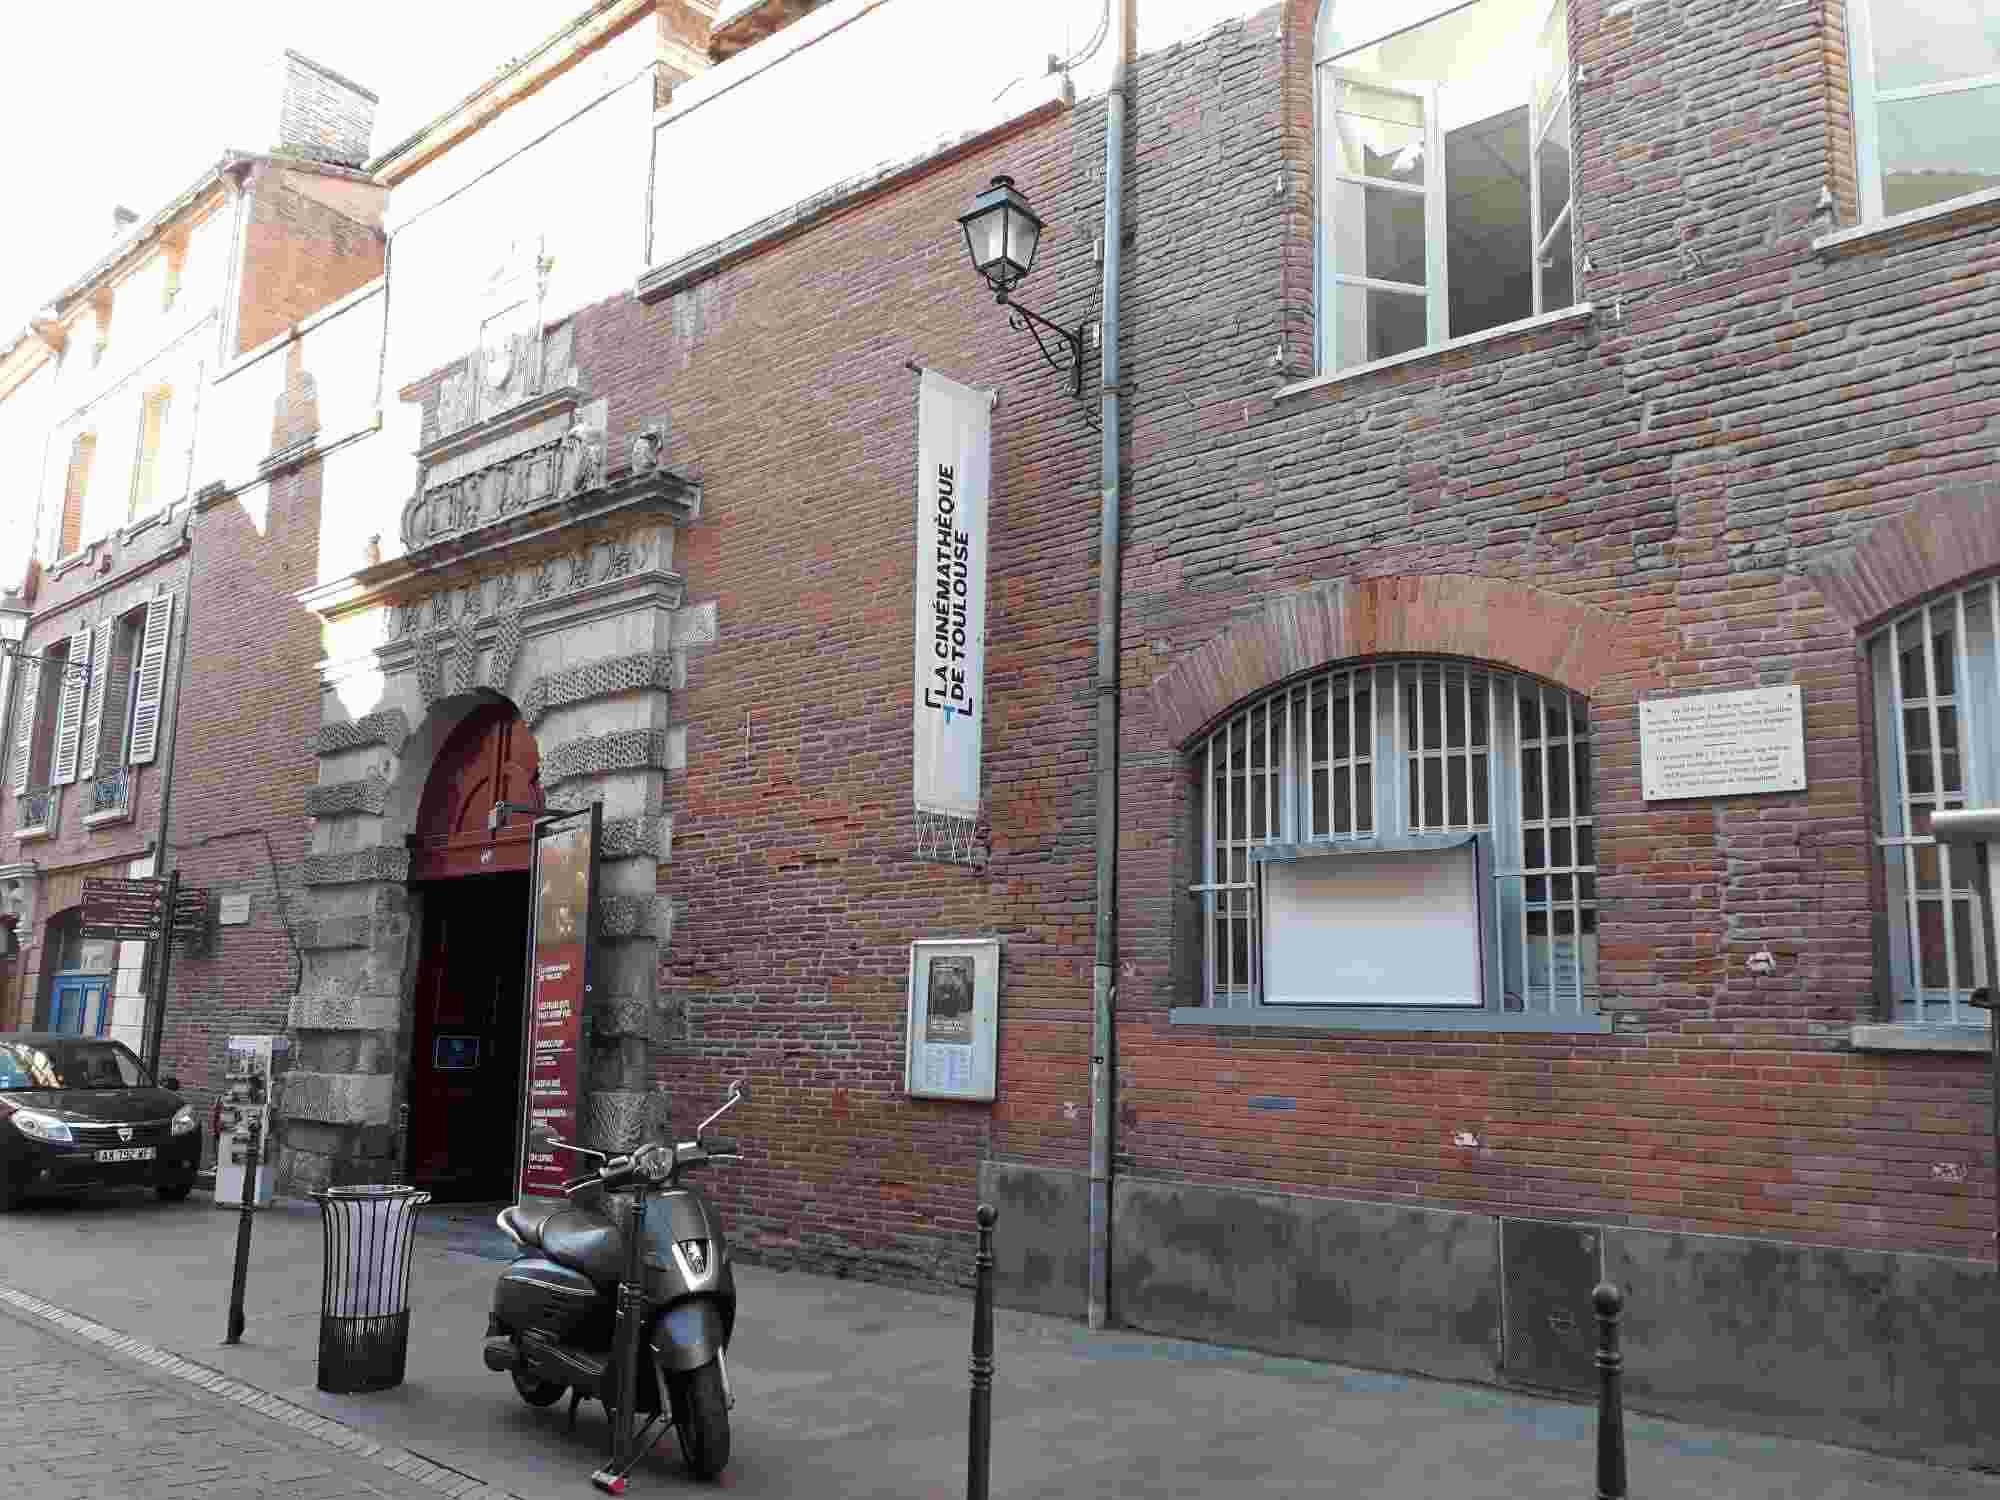 El PSOE era dirigido durante el exilio español en Toulouse desde este edificio en la Rue du Taur